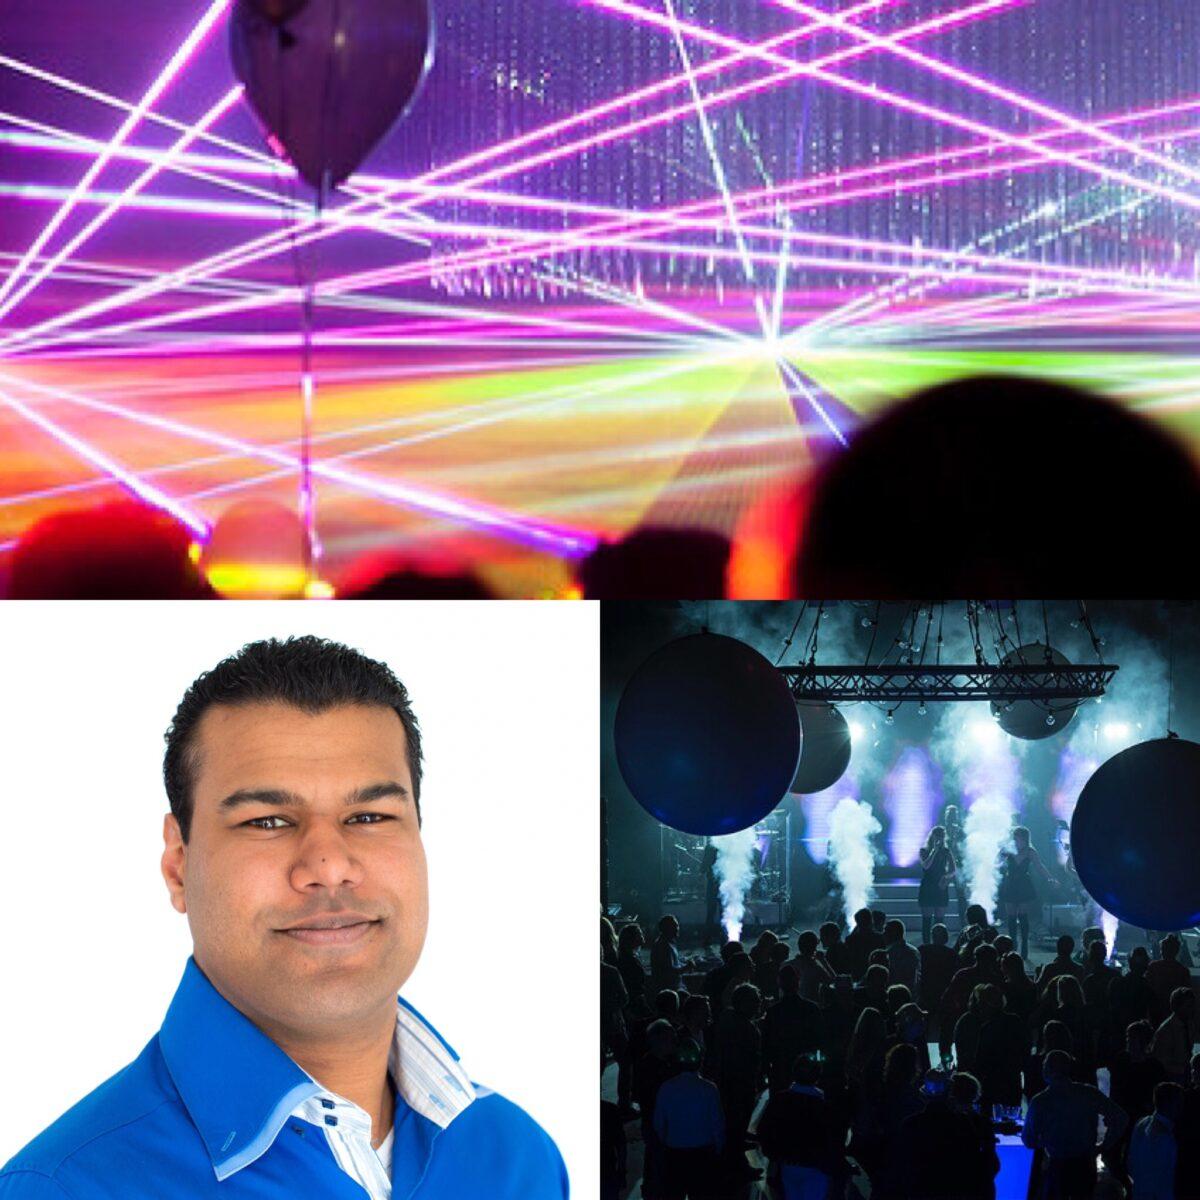 Licht op jouw event: tips van expert Raoul